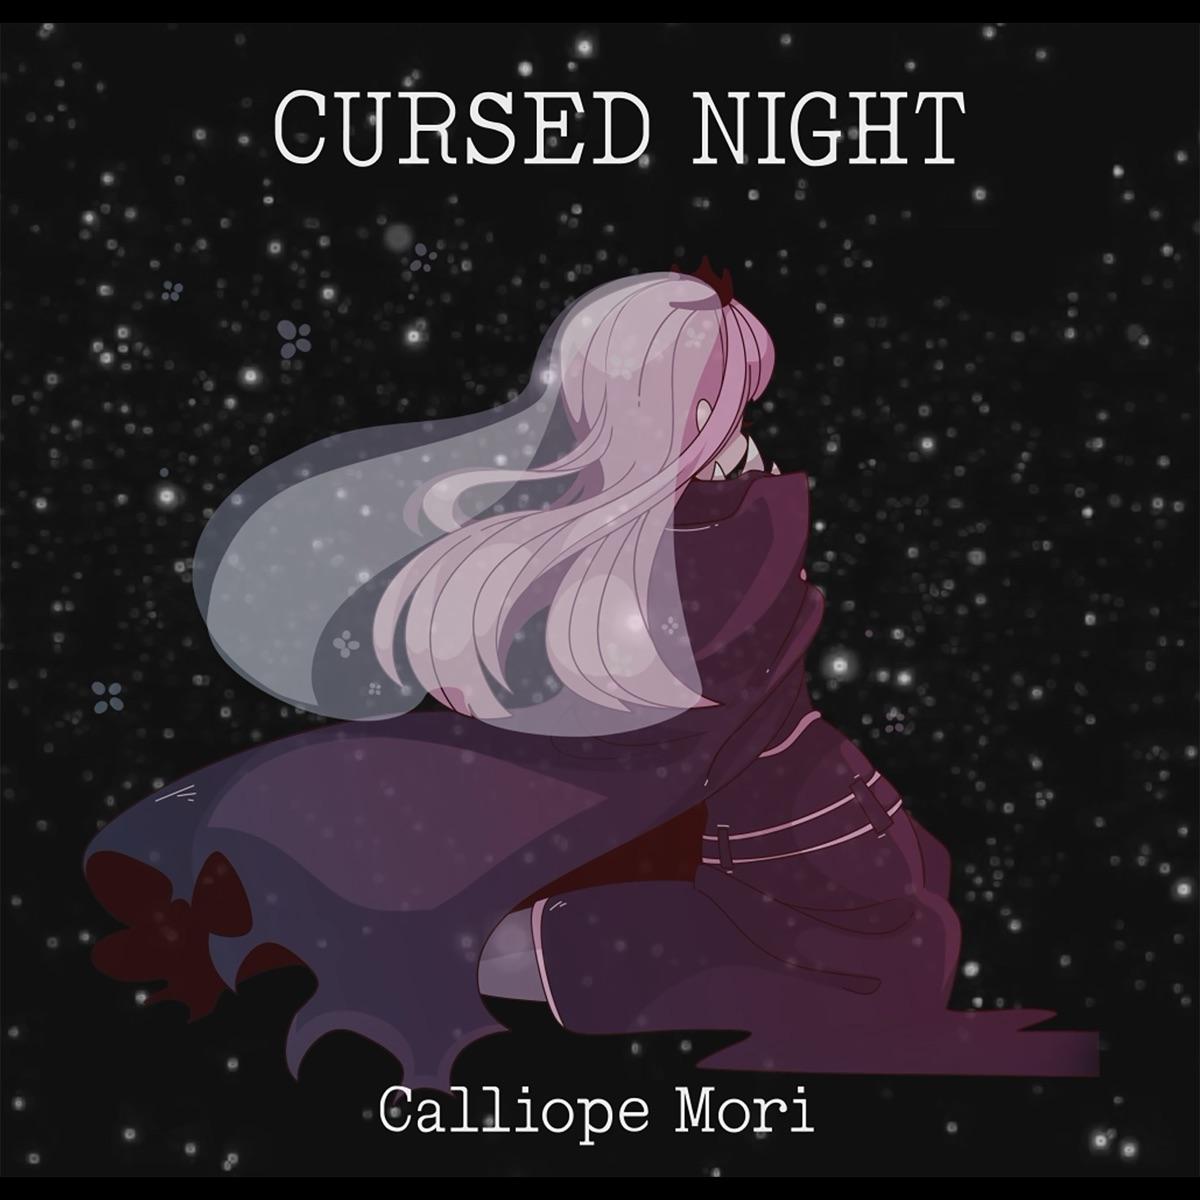 『森カリオペ (Mori Calliope) - Cursed Night』収録の『Cursed Night』ジャケット